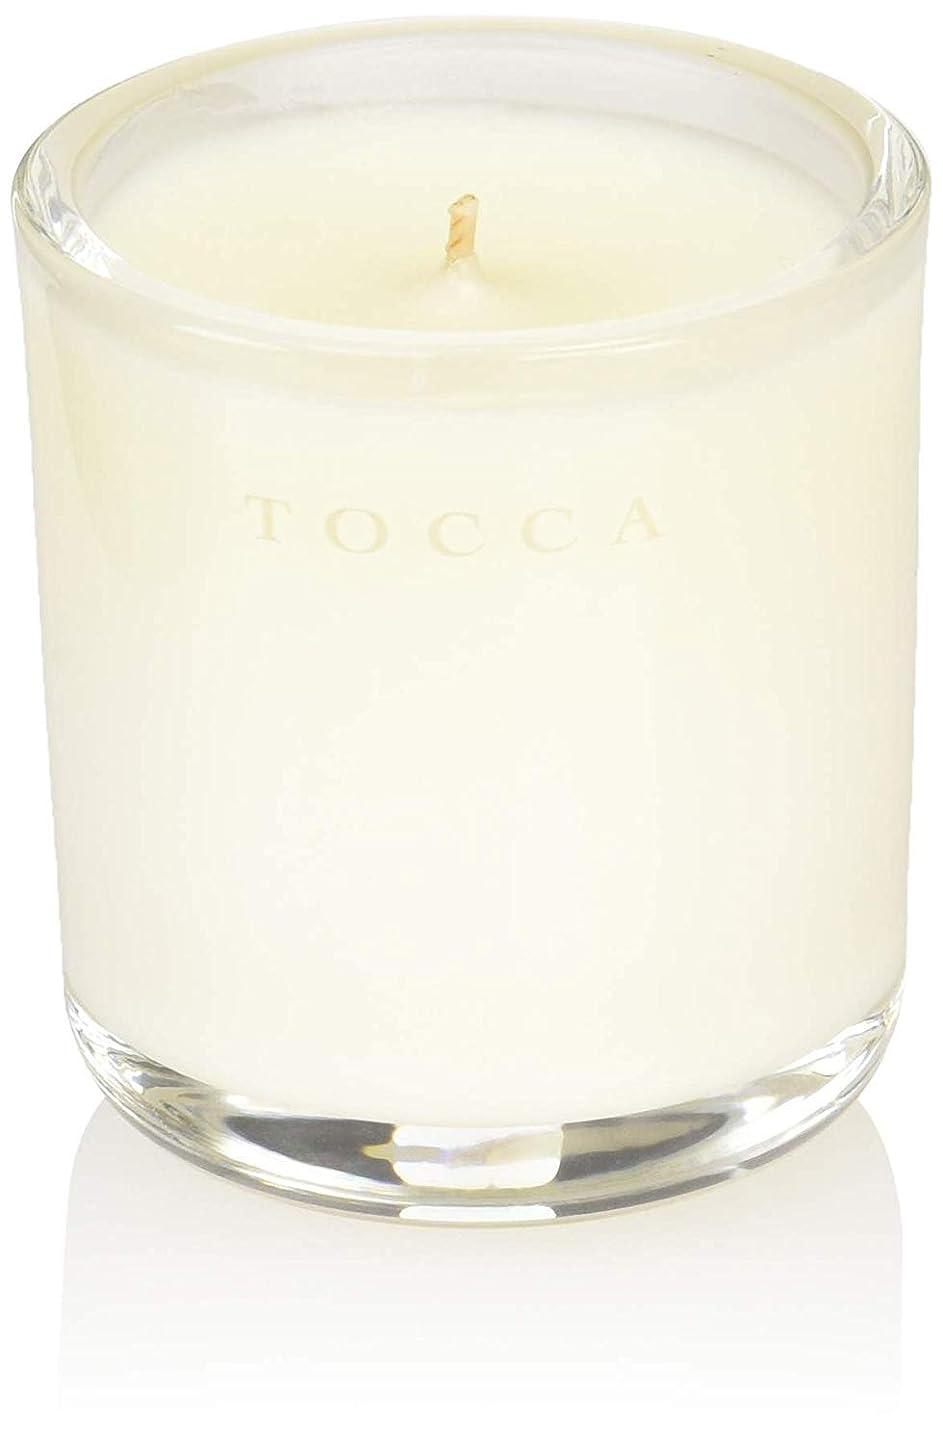 不潔リマ破滅的なTOCCA(トッカ) ボヤージュ キャンデリーナ カプリ 85g (ろうそく 芳香 柑橘とメロンの魅惑なシトラスな香り)